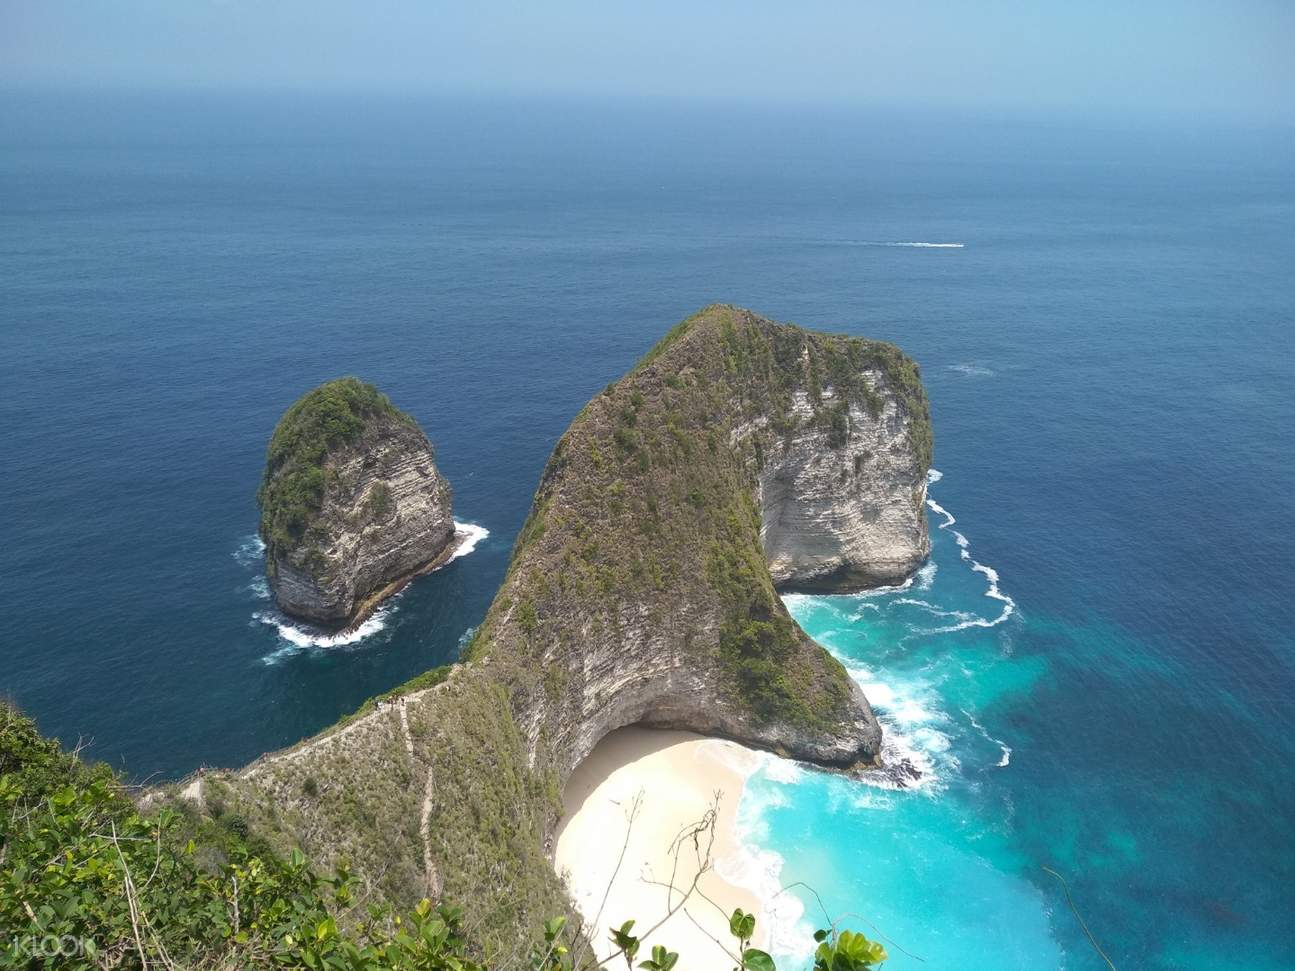 珀尼達島客製行程,珀尼達島,珀尼達島自由行,珀尼達島旅遊